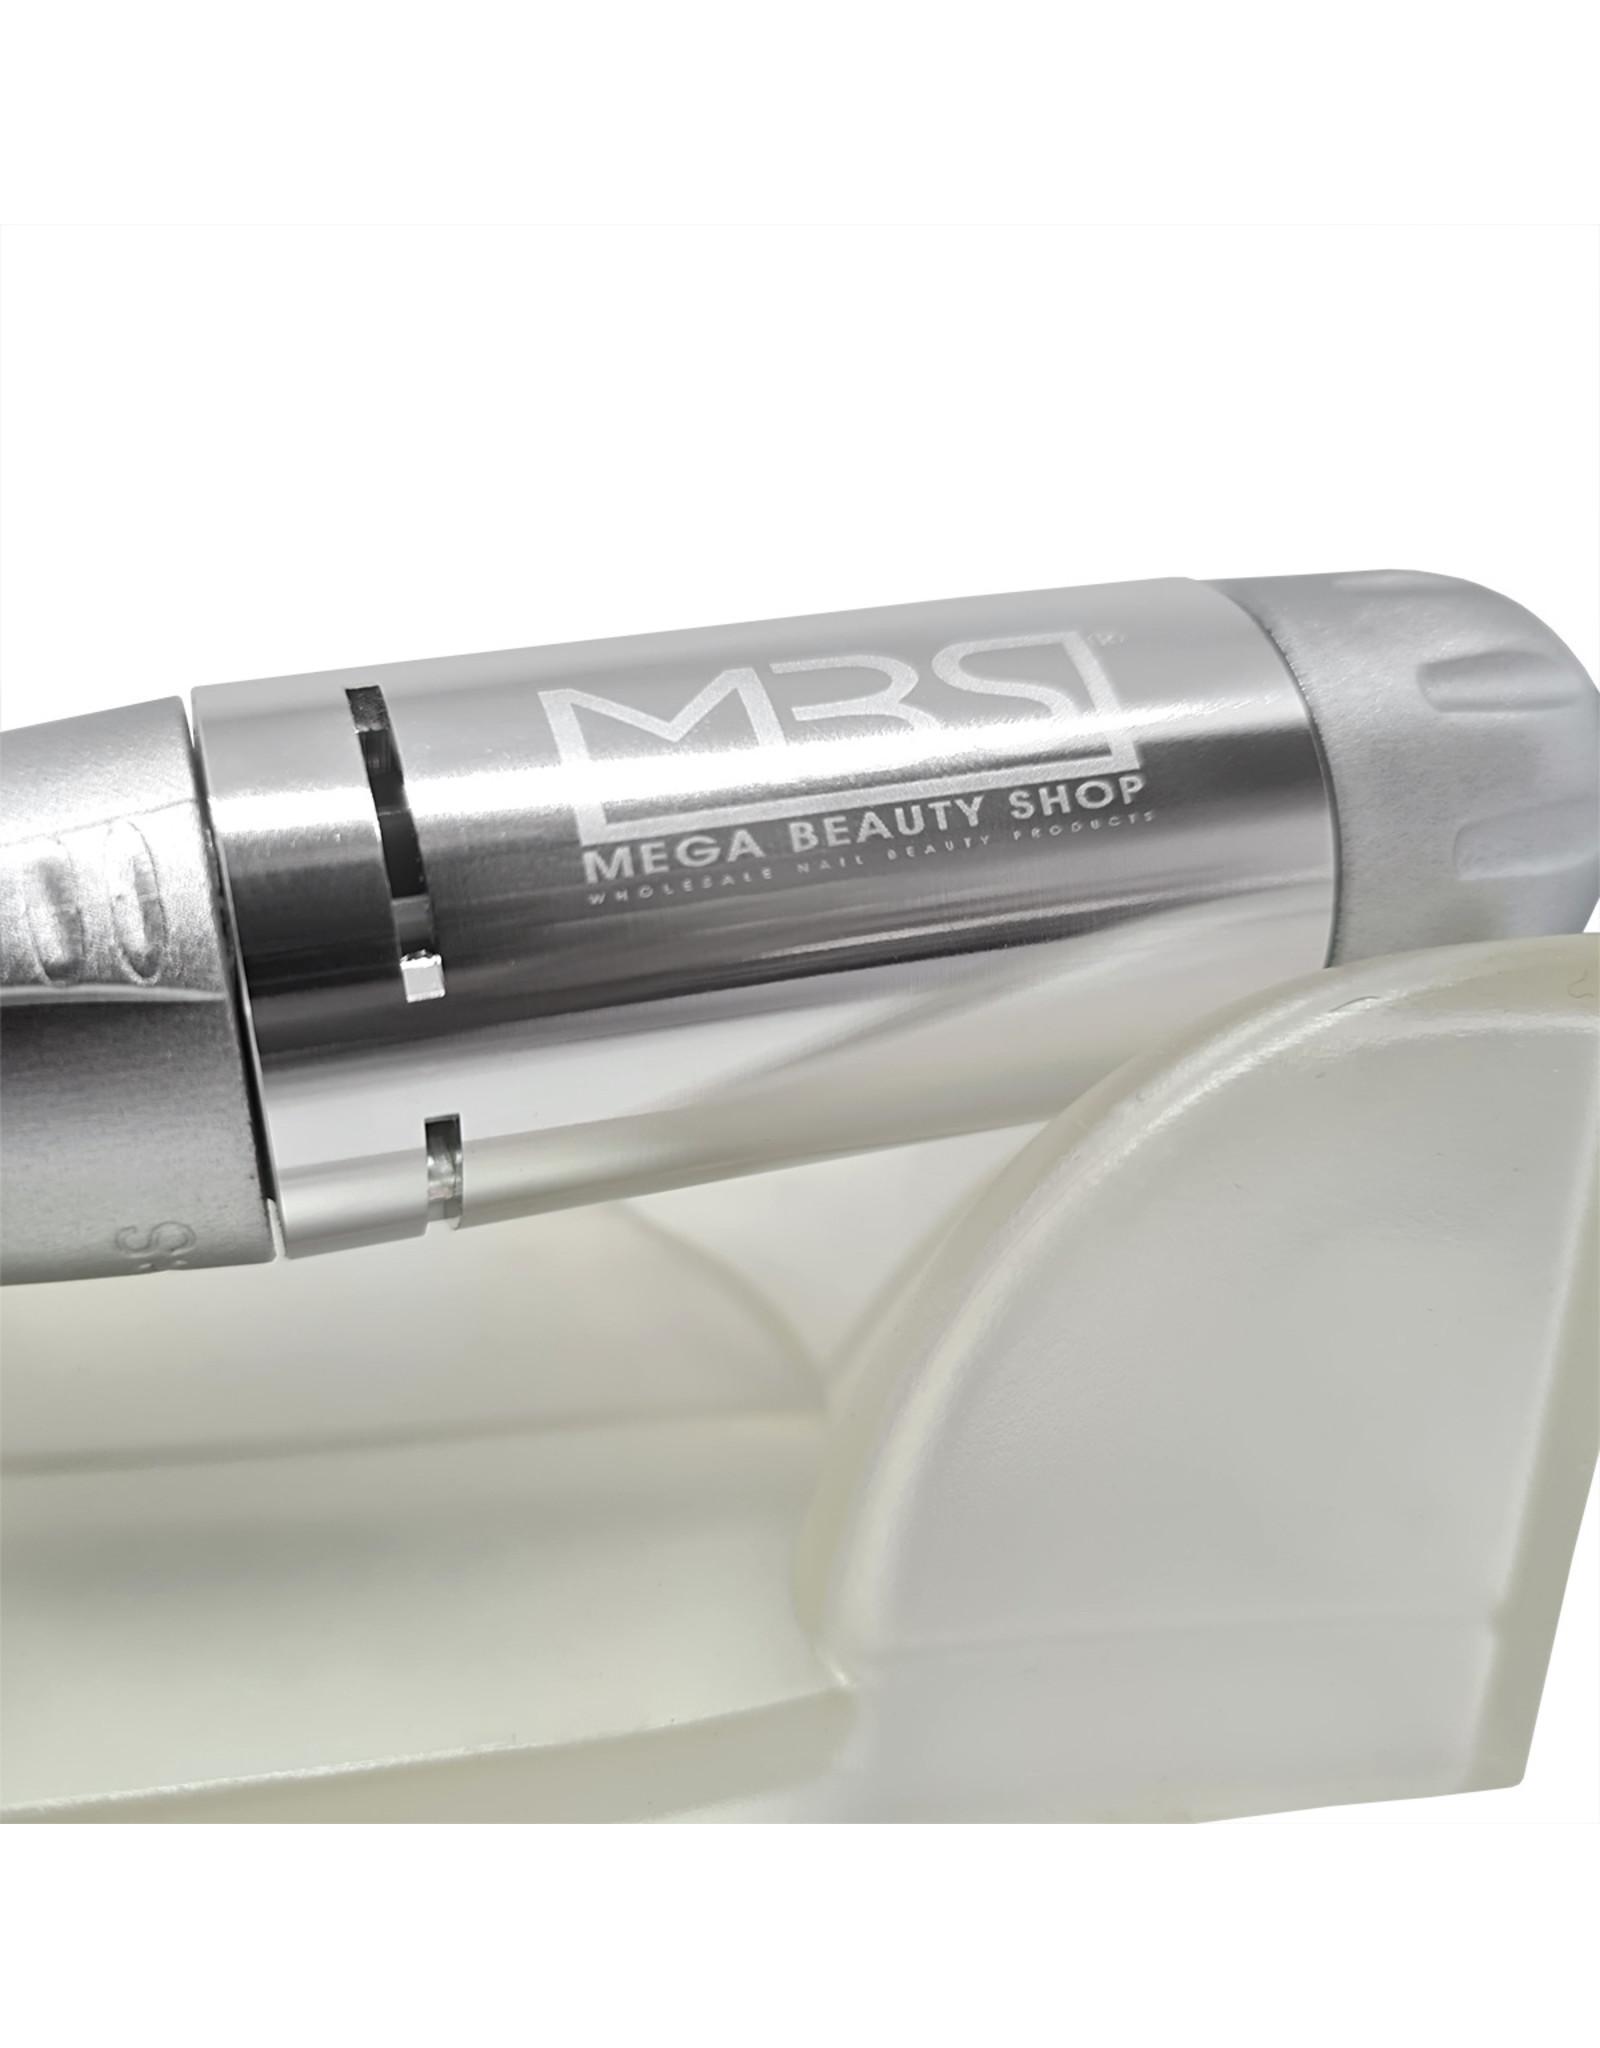 Mega Beauty Shop® Nagelfrees zilver